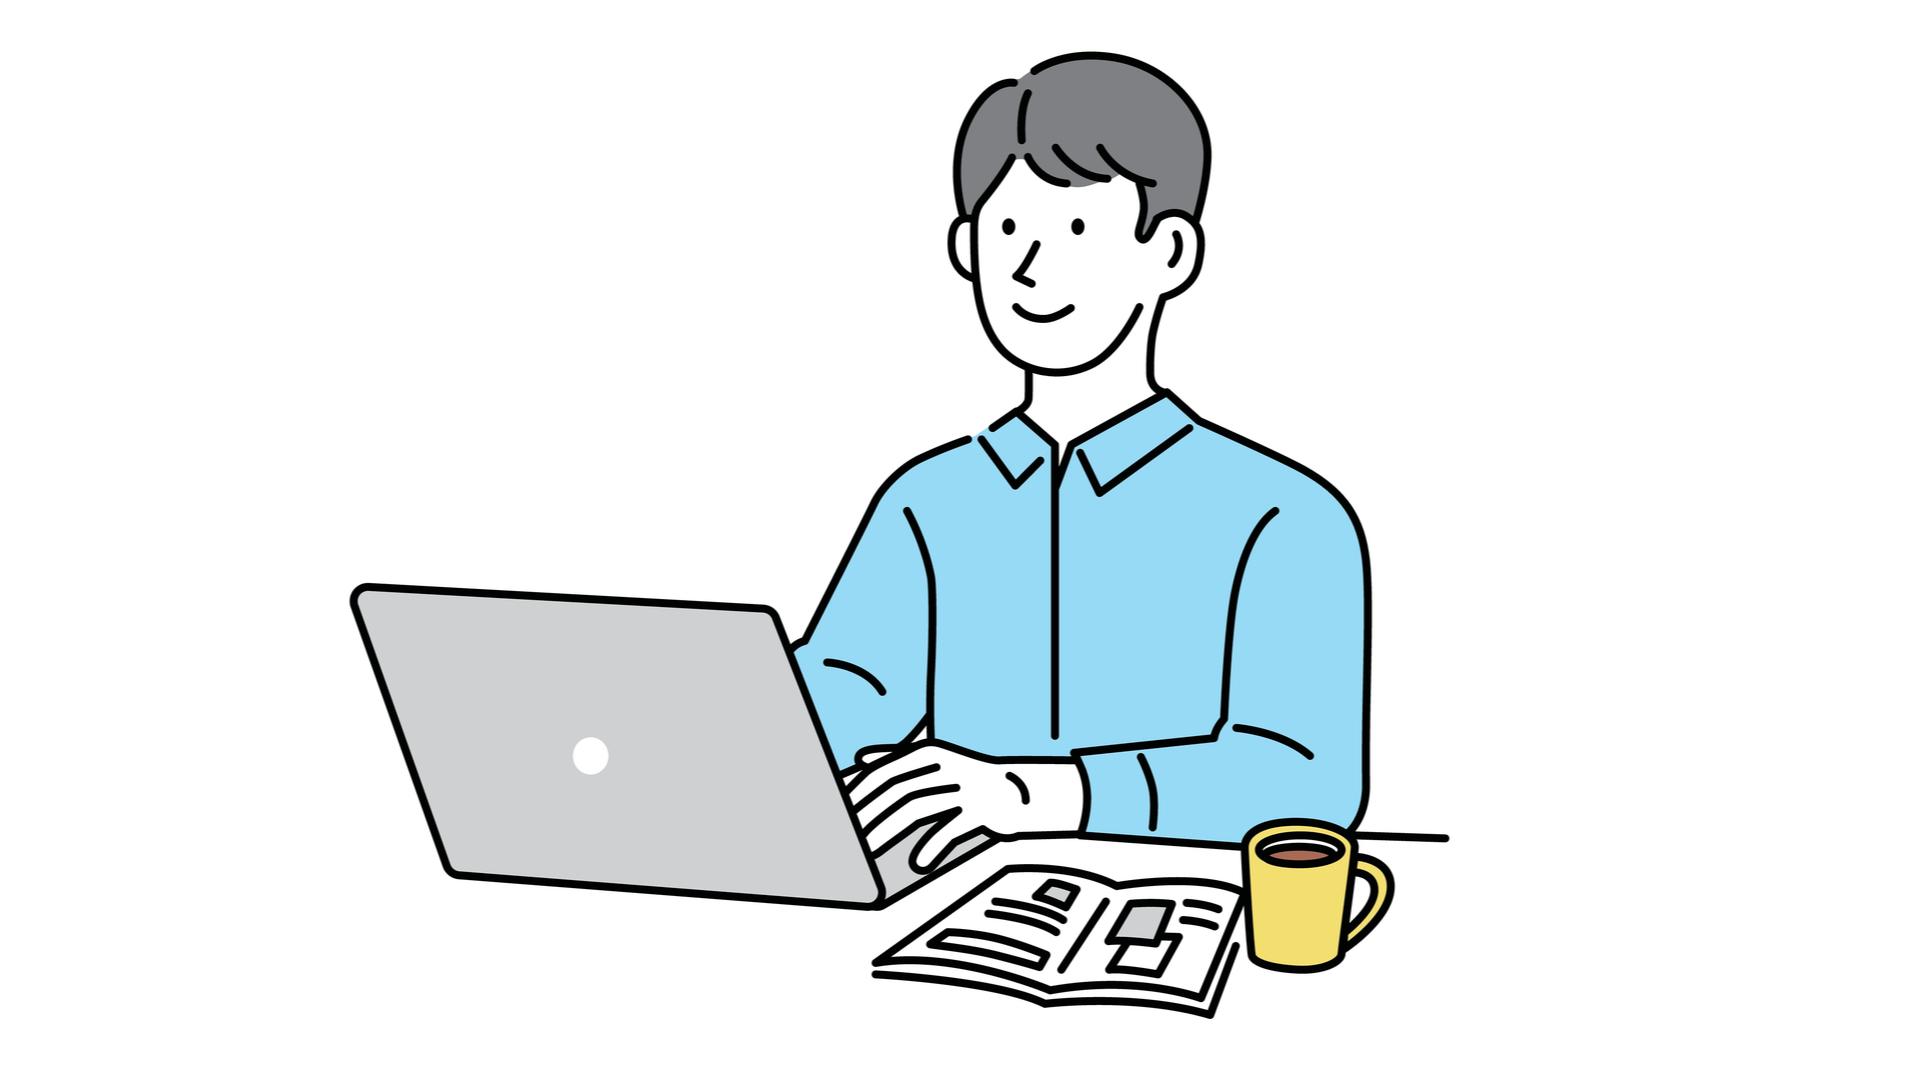 【会社から呼び出された経験あり】会社員の副業バレるのはどんな時?これさえ見れば大丈夫!